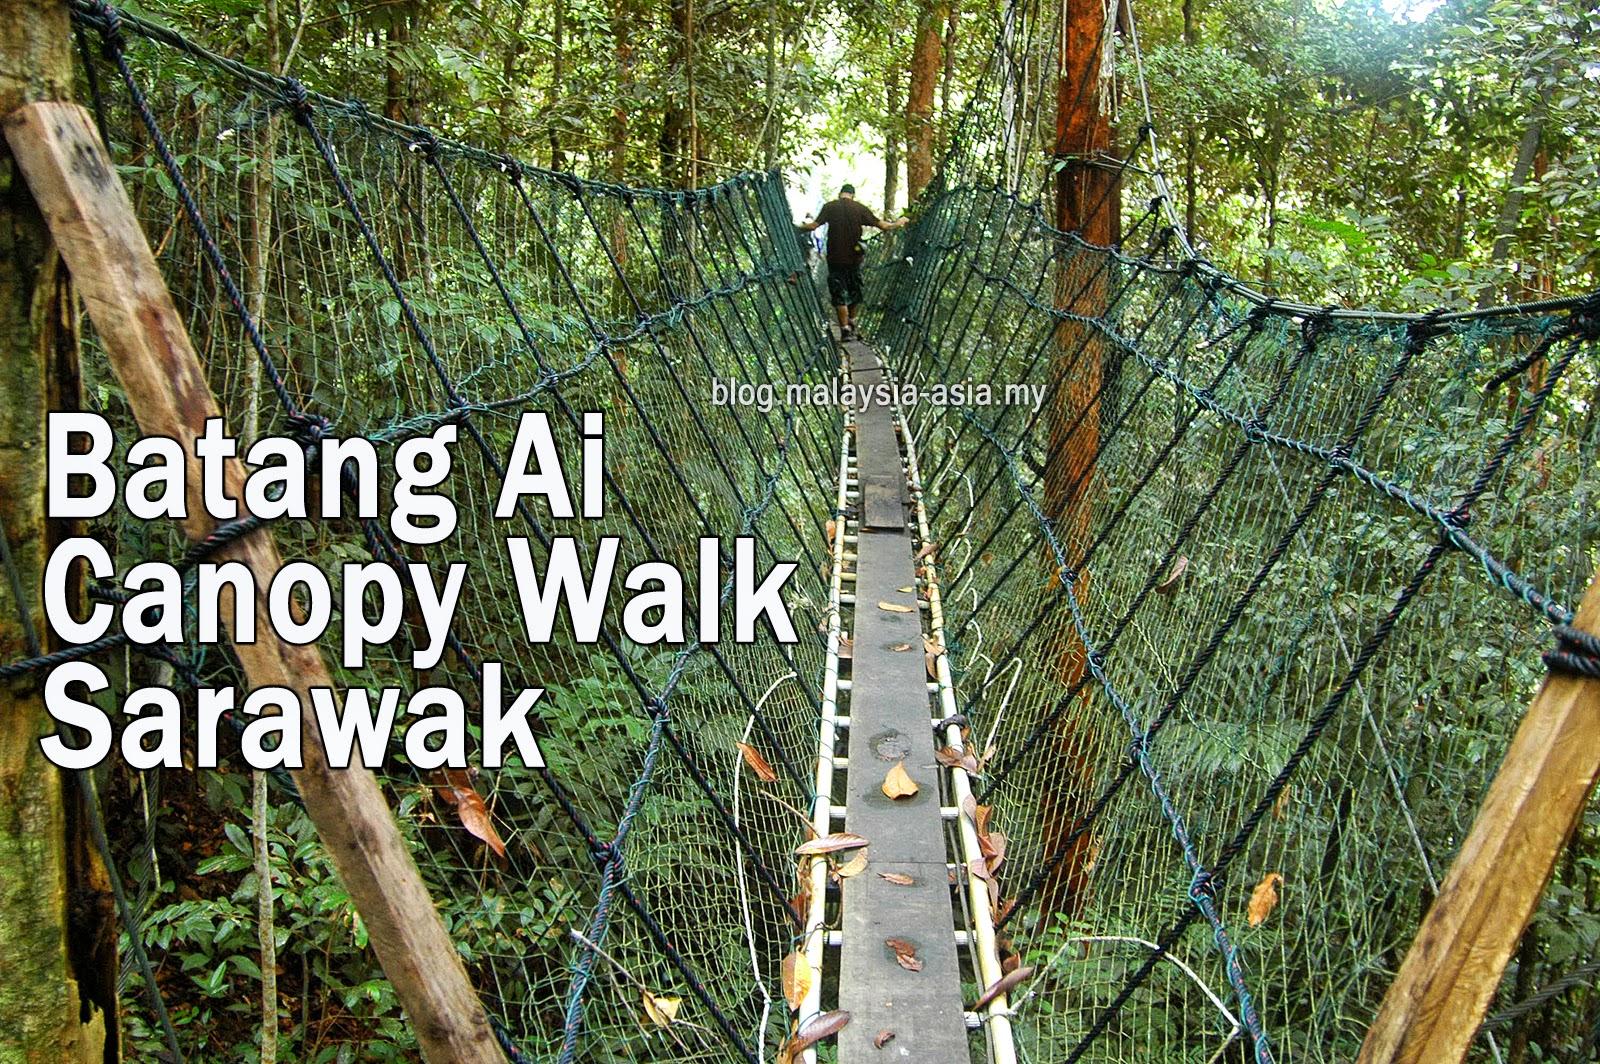 Batang Ai Canopy Walk Sarawak